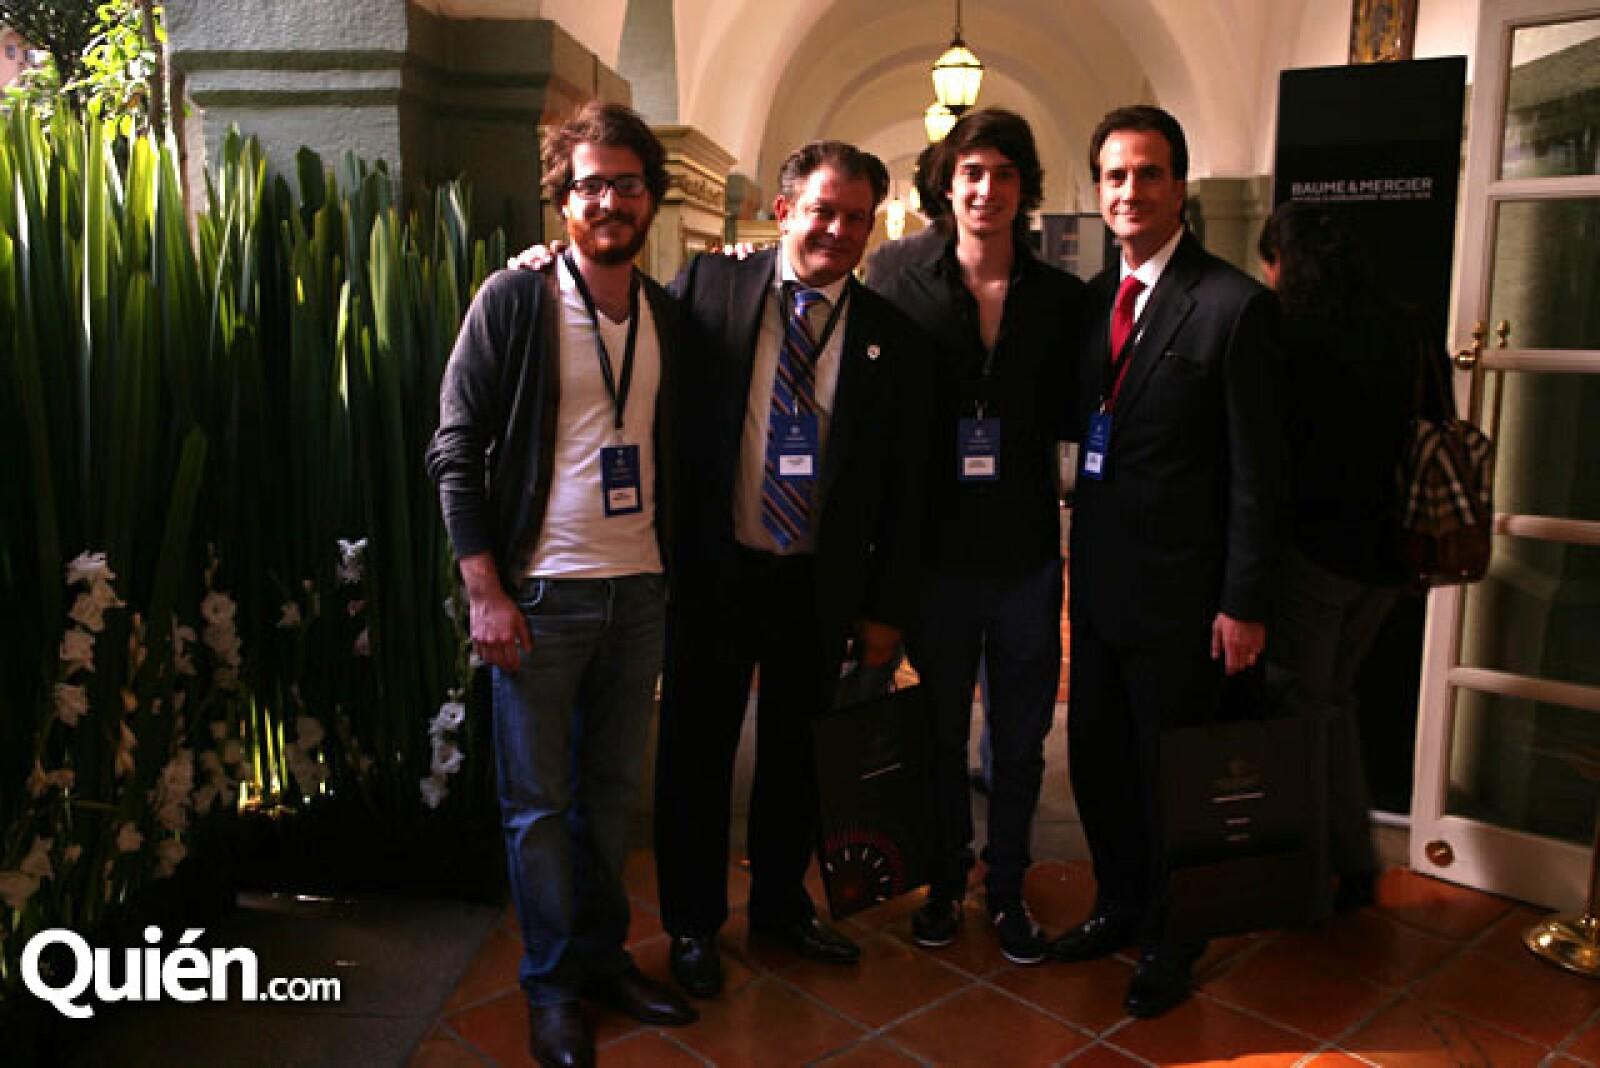 Pablo Mondragón,Billy Steta,Patricio Mondragón,Enrique Mondragón